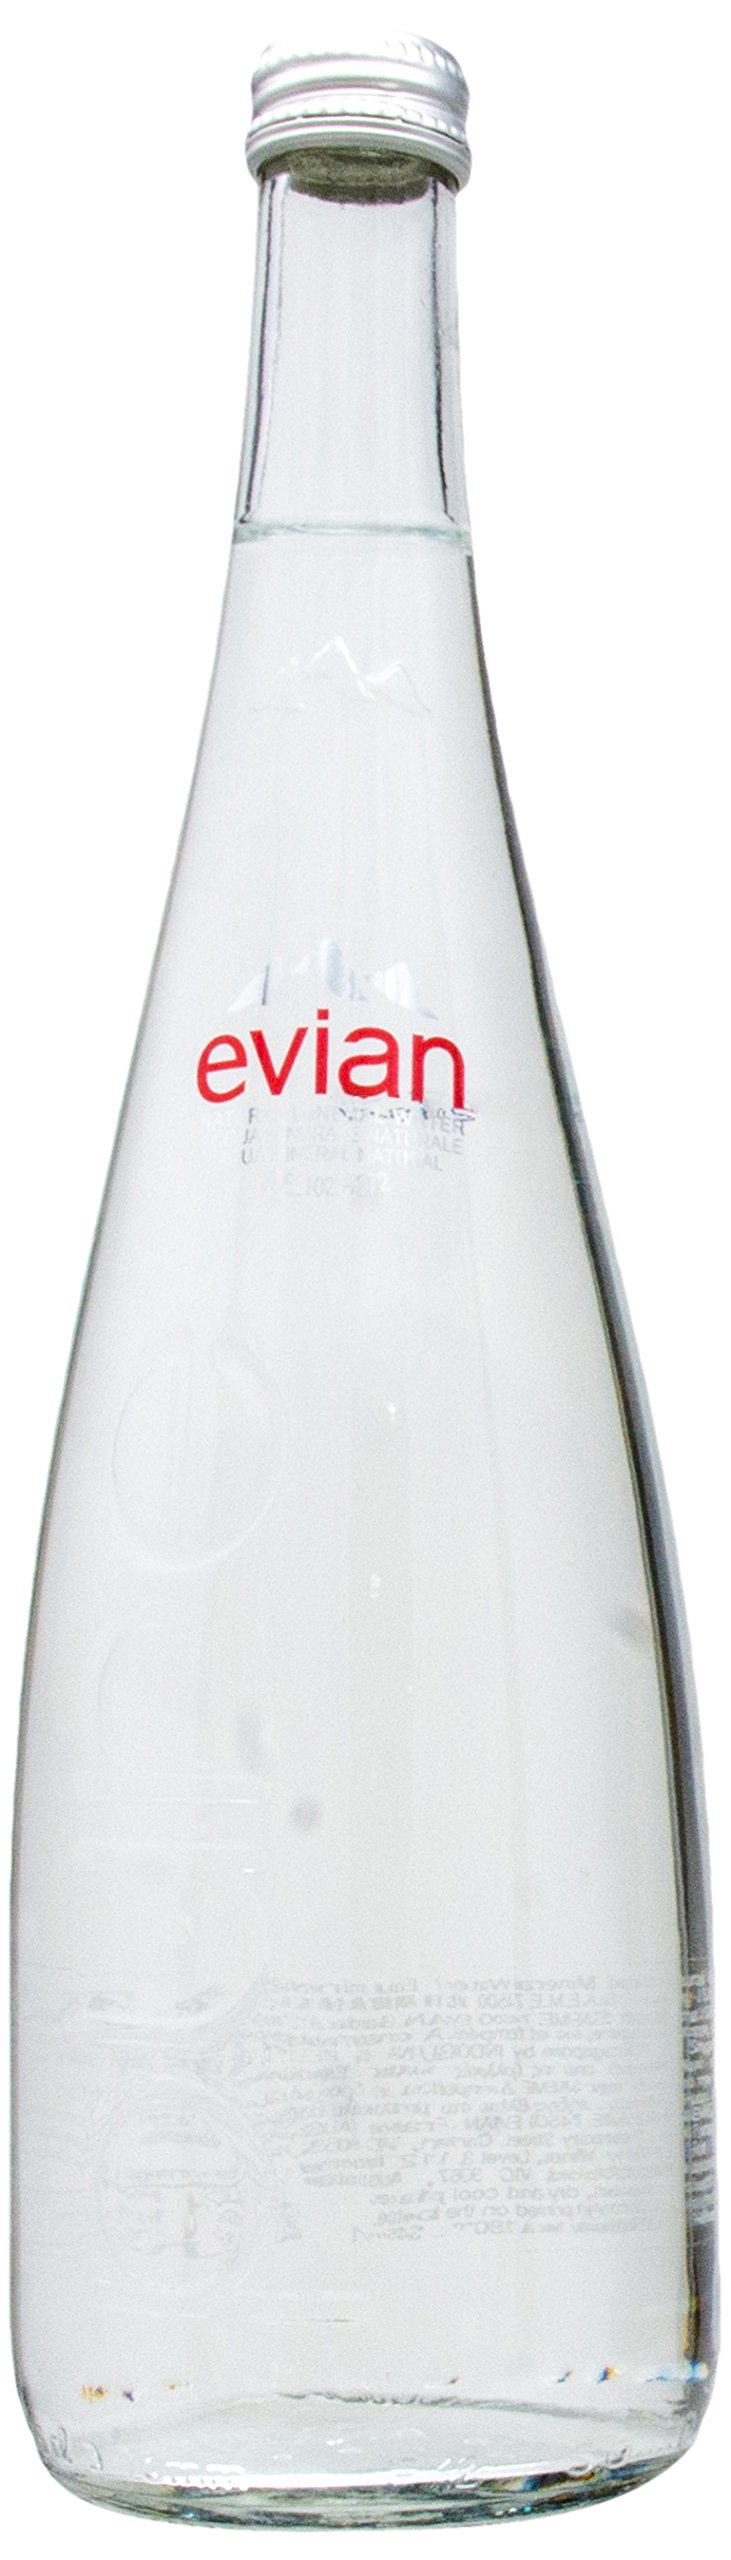 エビアン ミネラルウォーター 瓶 750mlx12本